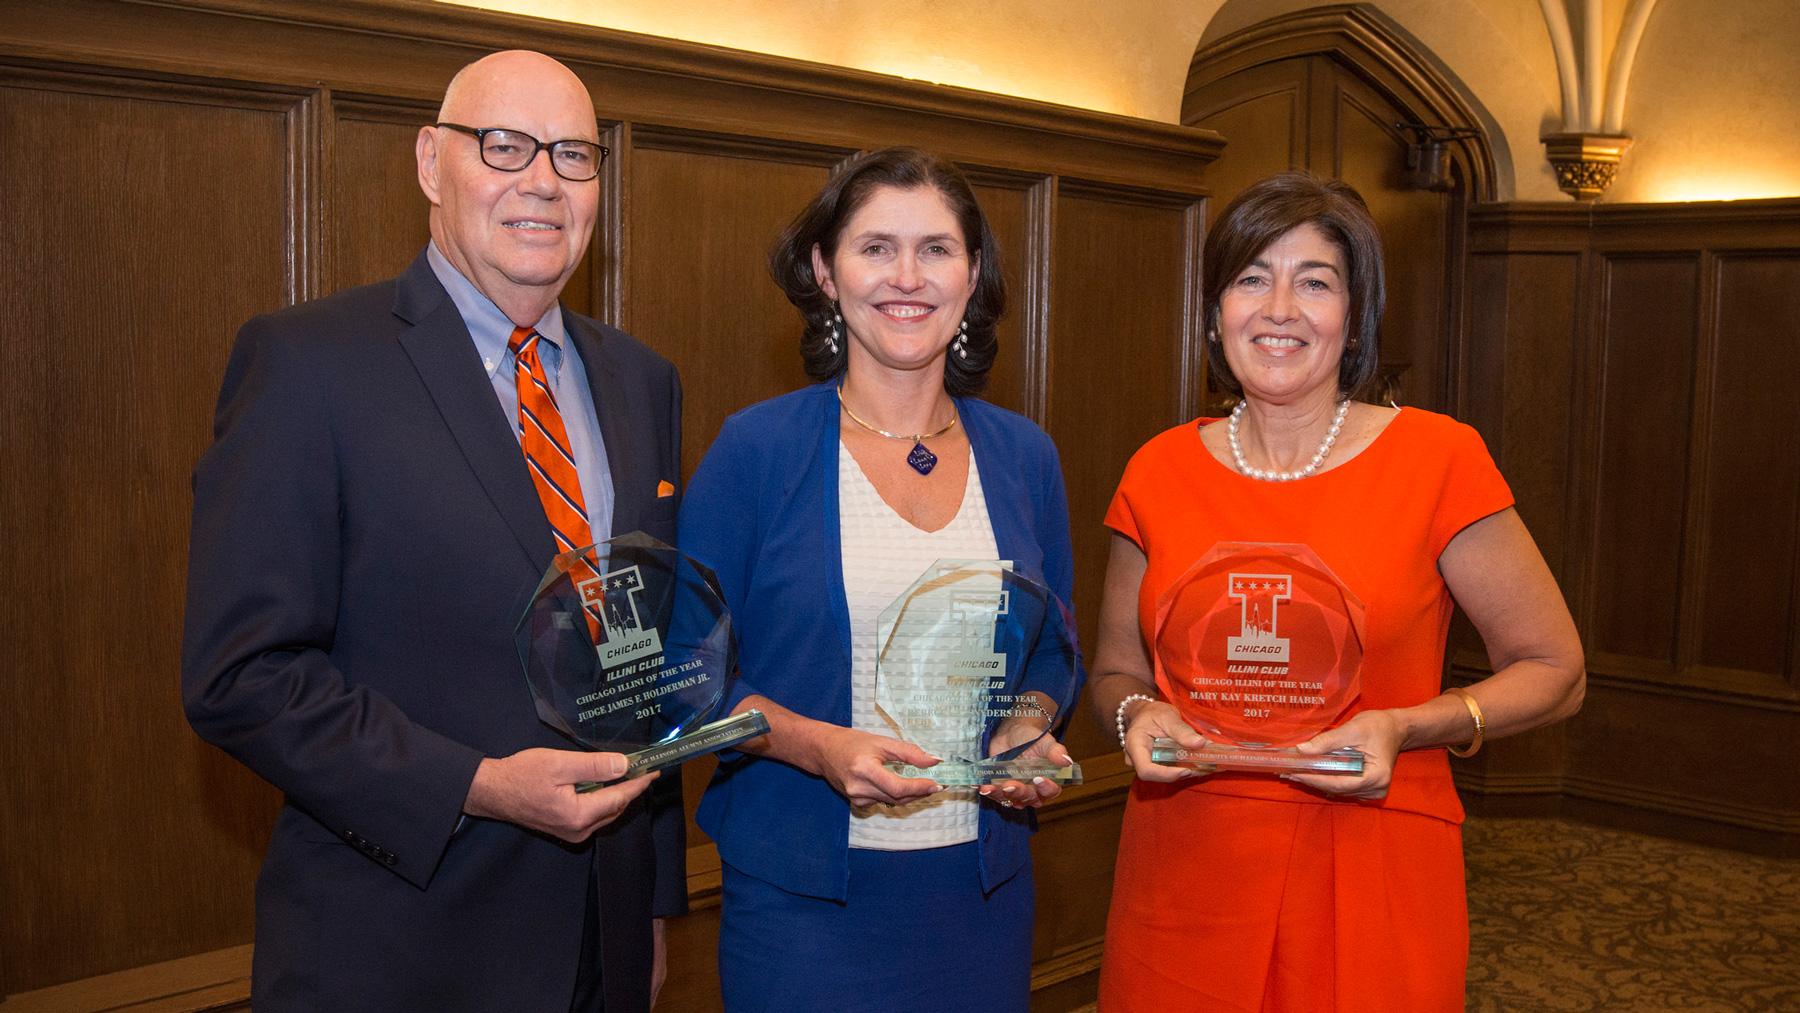 three award recipients post at the awards ceremony